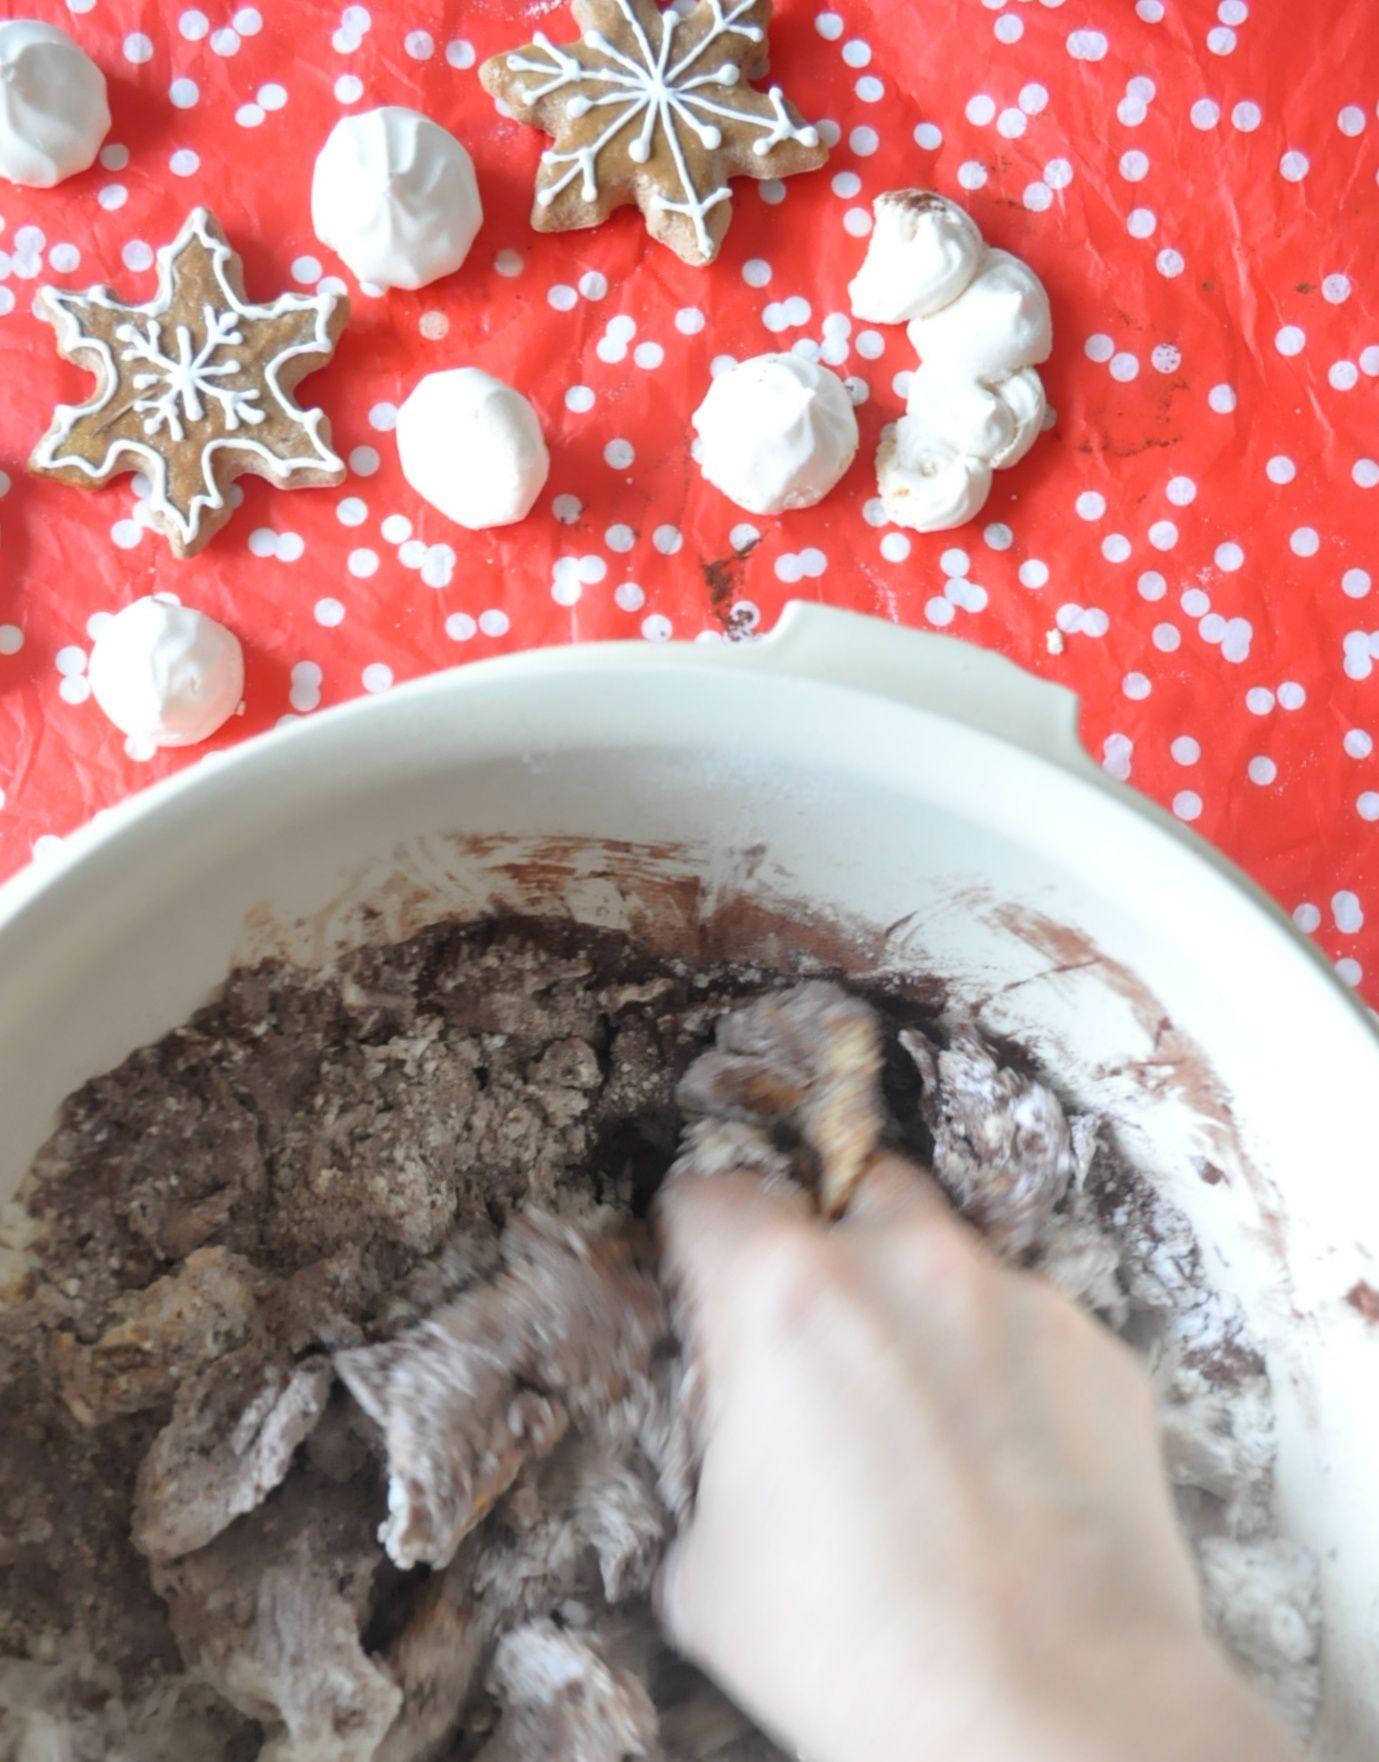 vianočné pečivo - ako na to ?